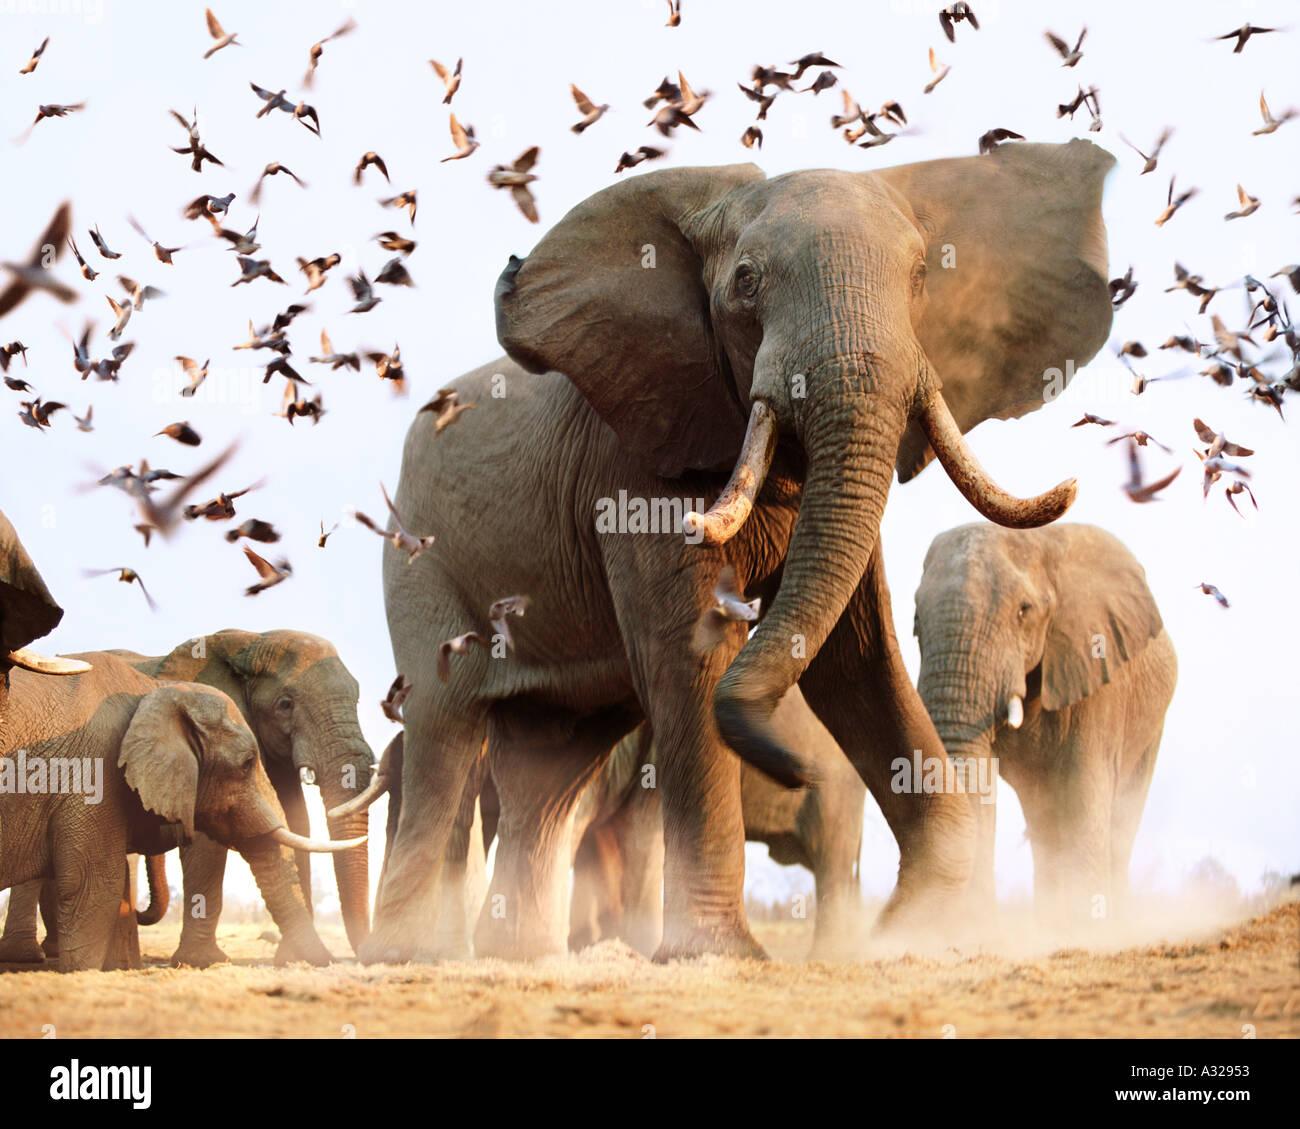 Elefantes africanos preocupantes bando de aves Savuti Botsuana Imagens de Stock